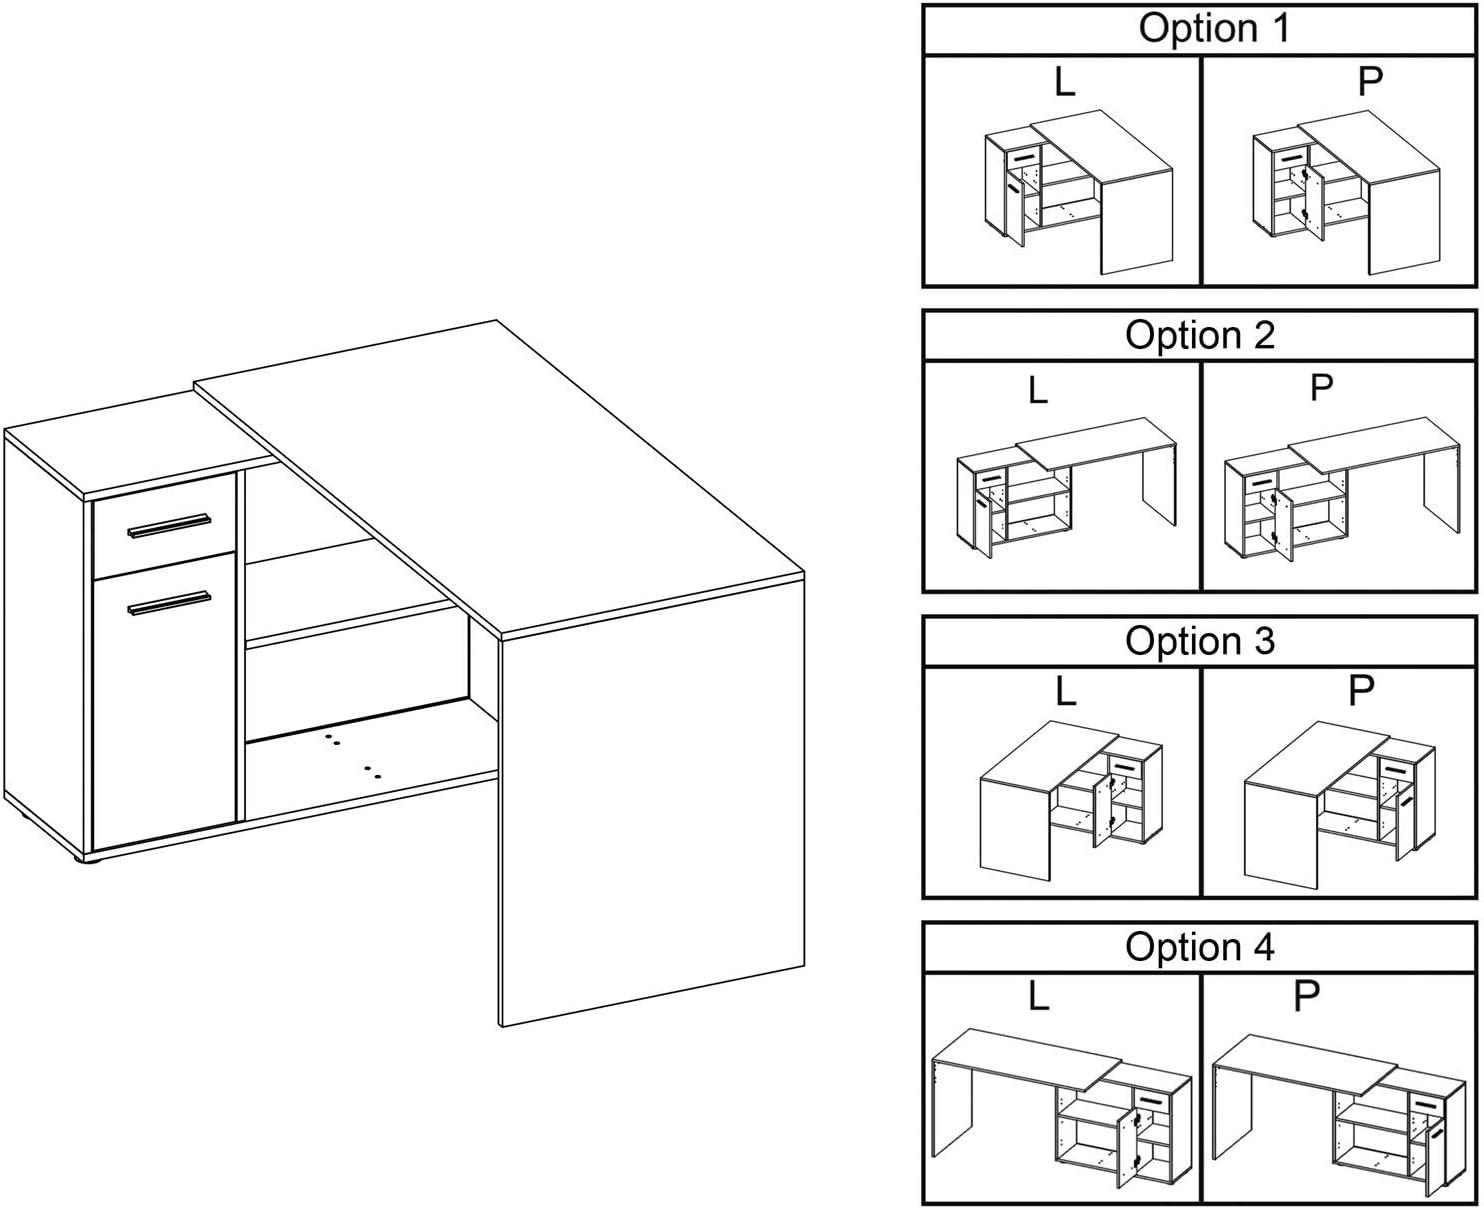 Bureau dangle Isotta Table avec Meuble de Rangement int/égr/é et modulable avec 2 /étag/ères 1 Porte et 1 tiroir en m/élamin/é d/écor ch/êne Sauvage et b/éton fonc/é